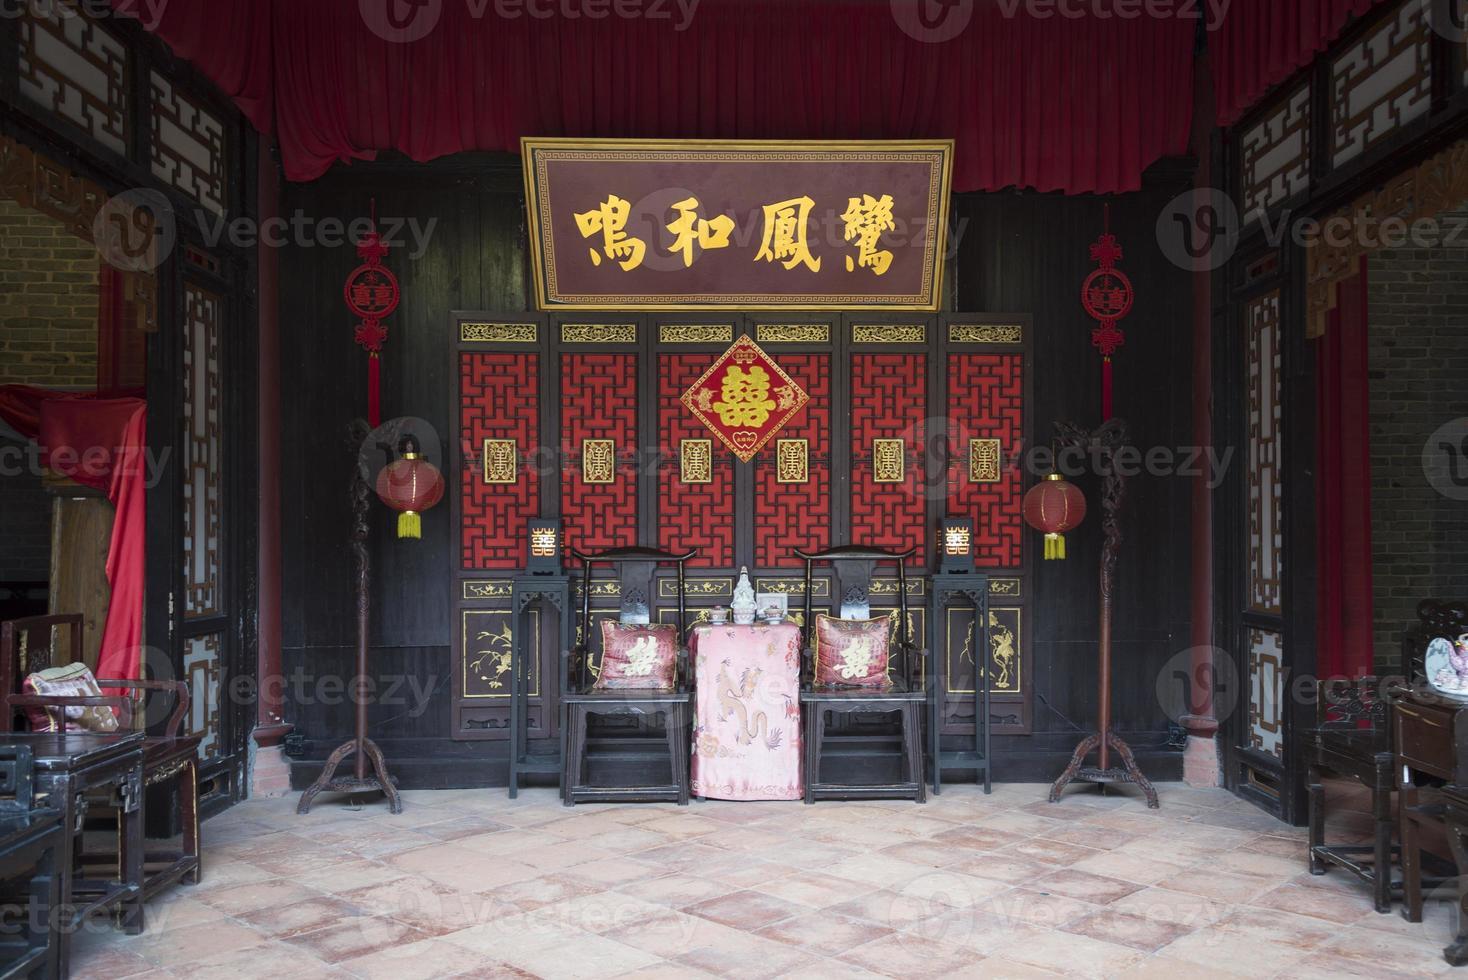 arquitetura interior tradicional chinesa foto